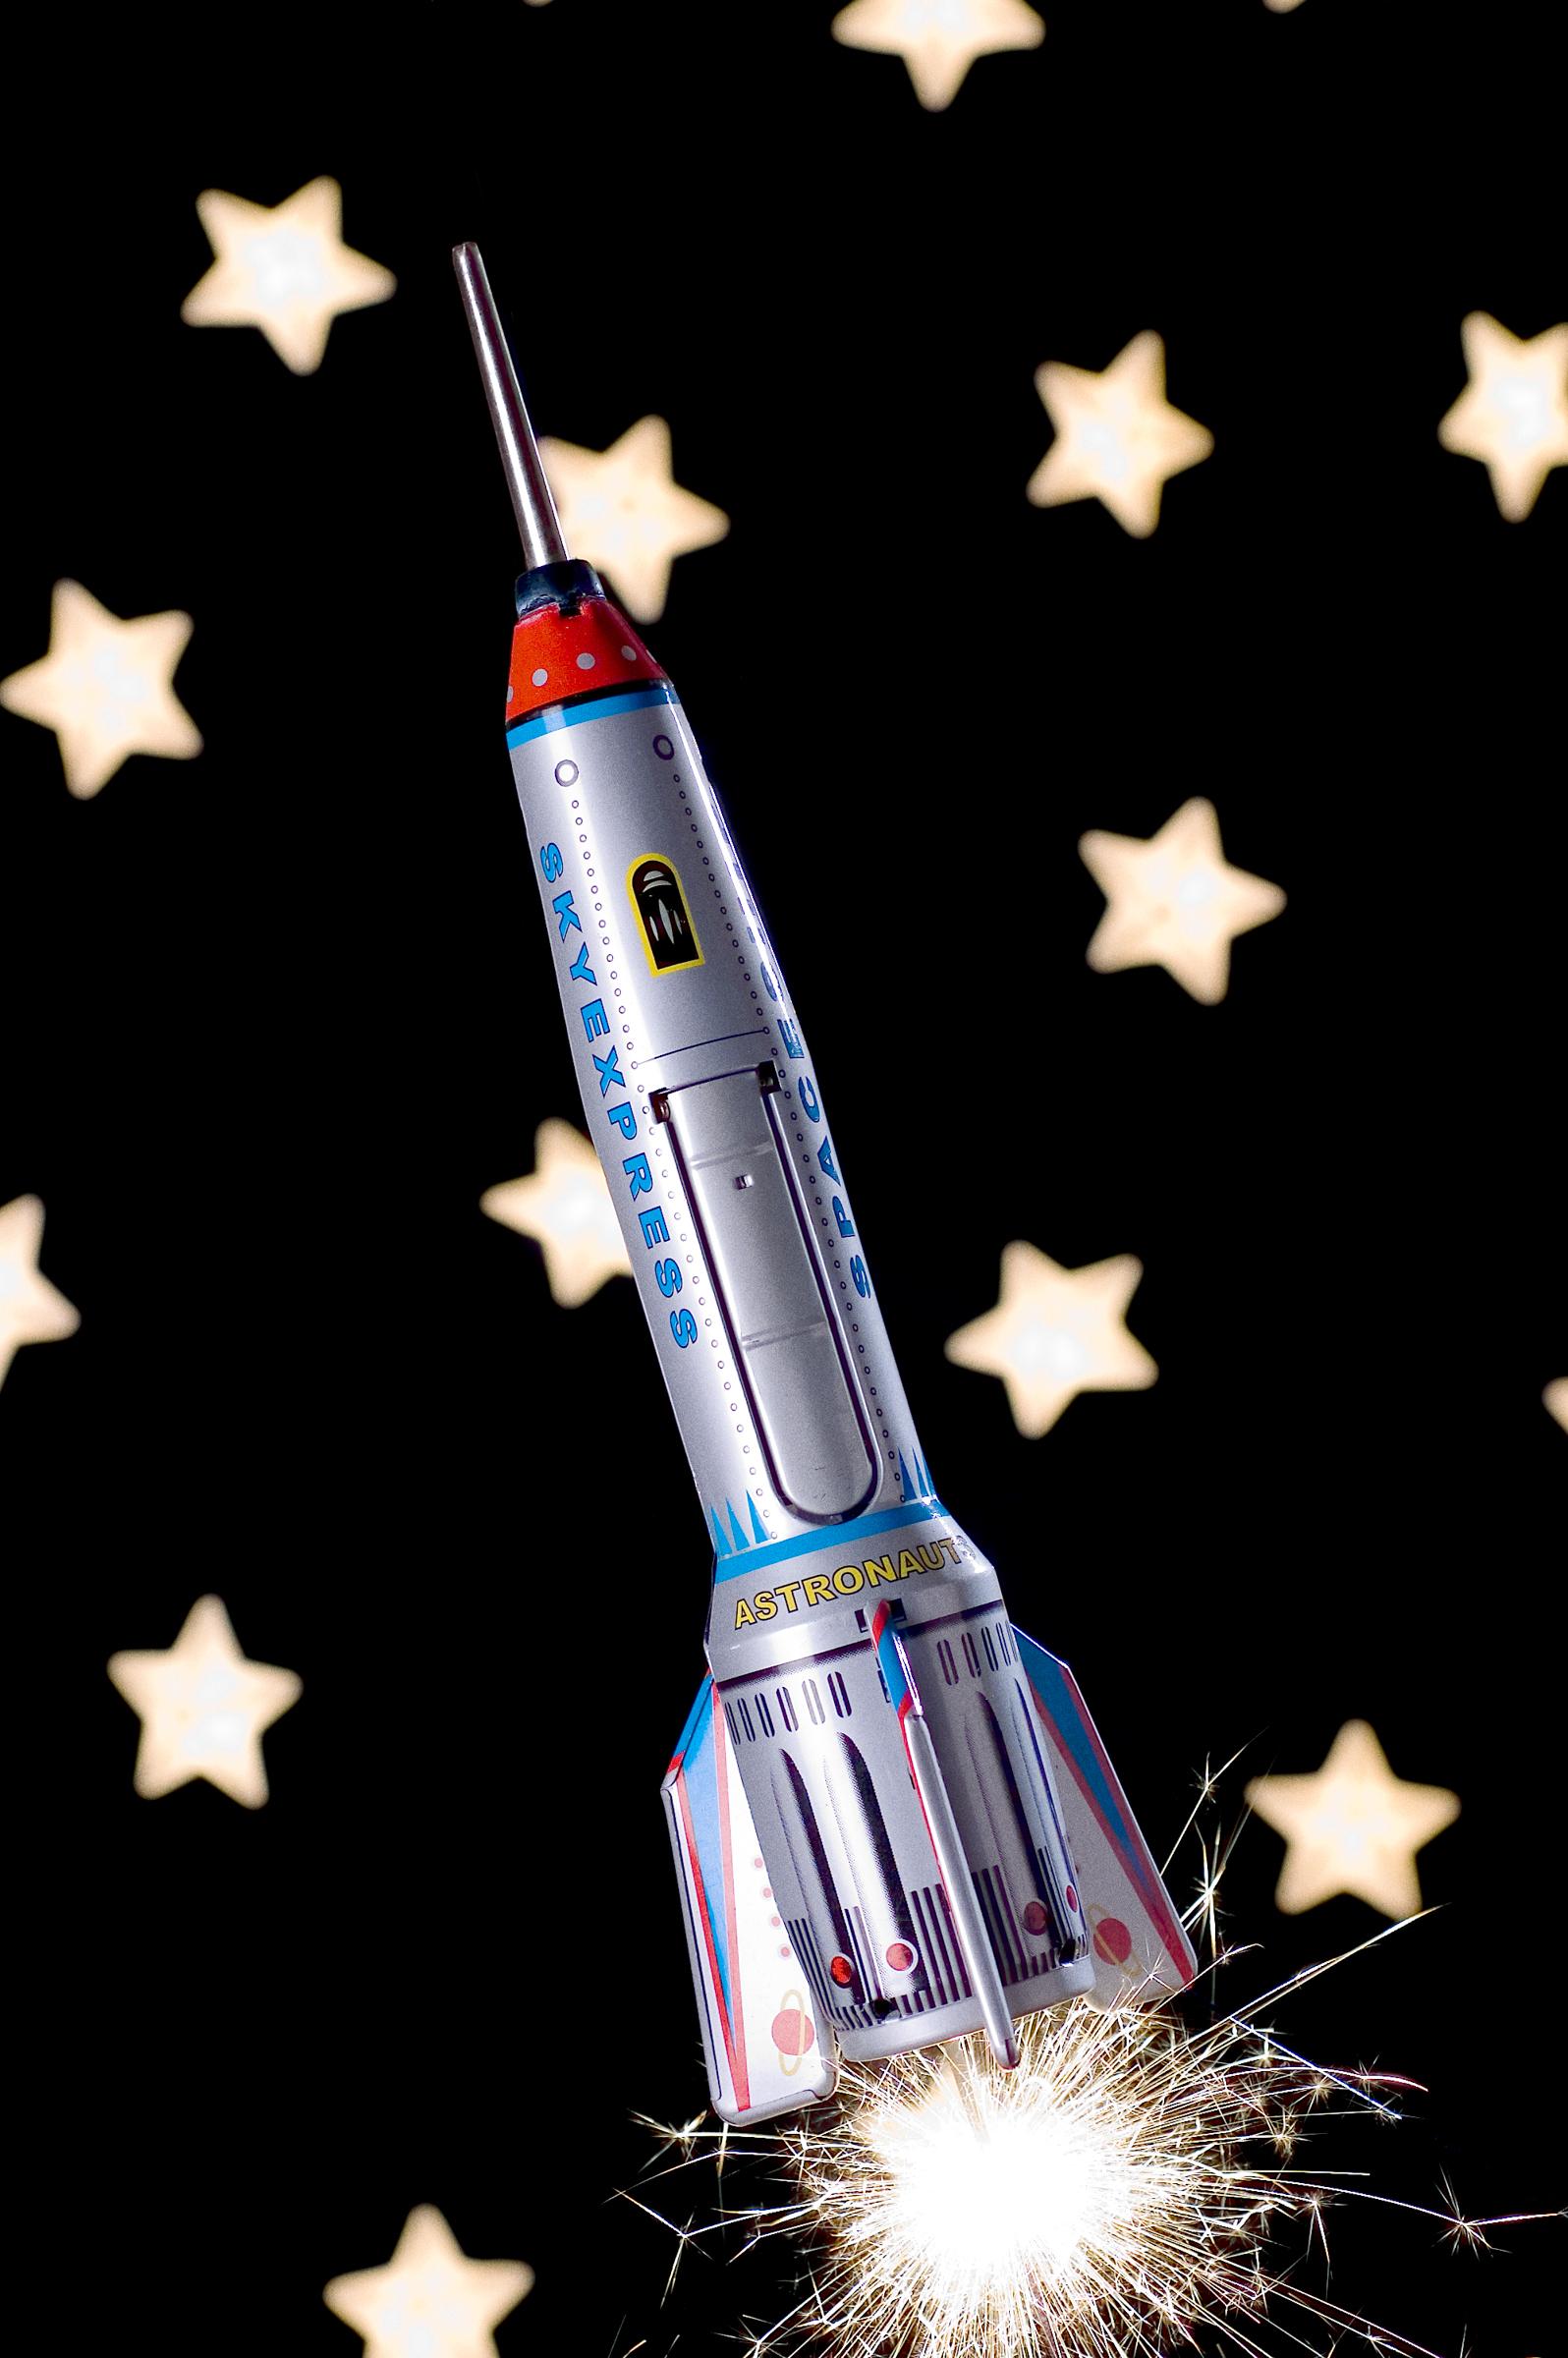 Tin Toy Rocket - Still Life Photography